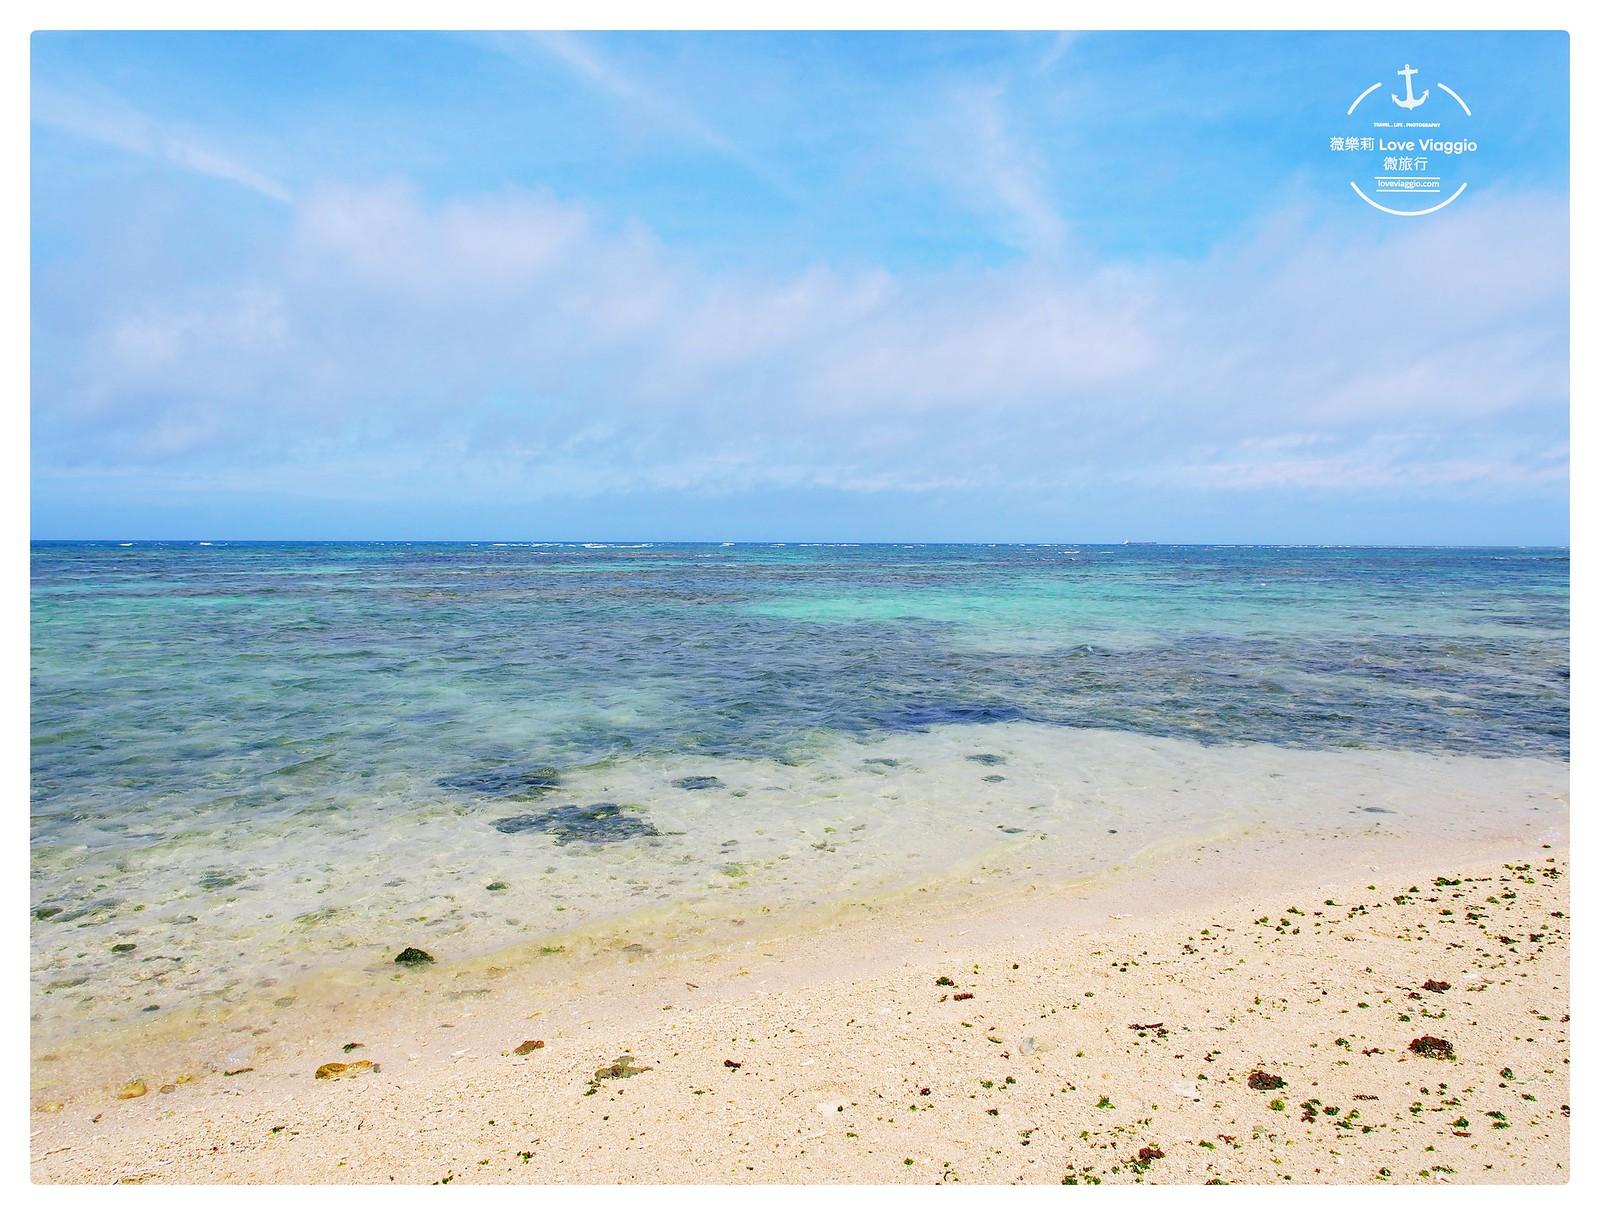 【沖繩 Okinawa】Alivila日航酒店無敵海景沙灘教堂 西班牙南歐渡假風Nikko Alivila @薇樂莉 ♥ Love Viaggio 微旅行